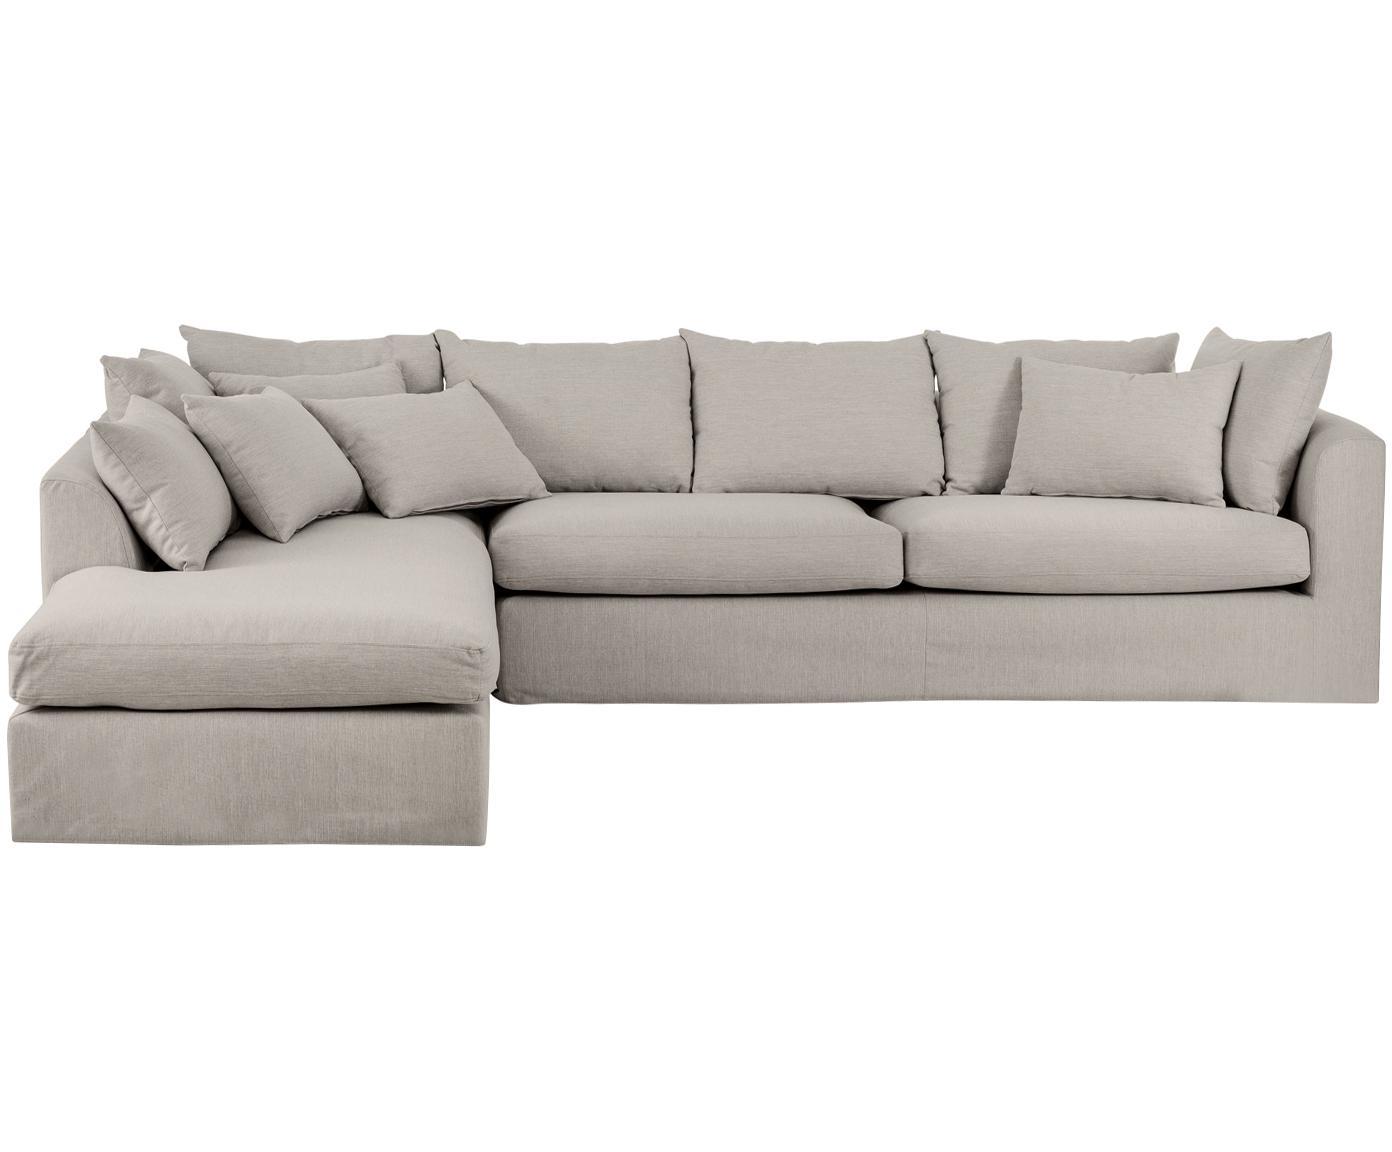 Sofa narożna Zach, Tapicerka: polipropylen, Nogi: tworzywo sztuczne, Taupe, S 300 x G 213 cm